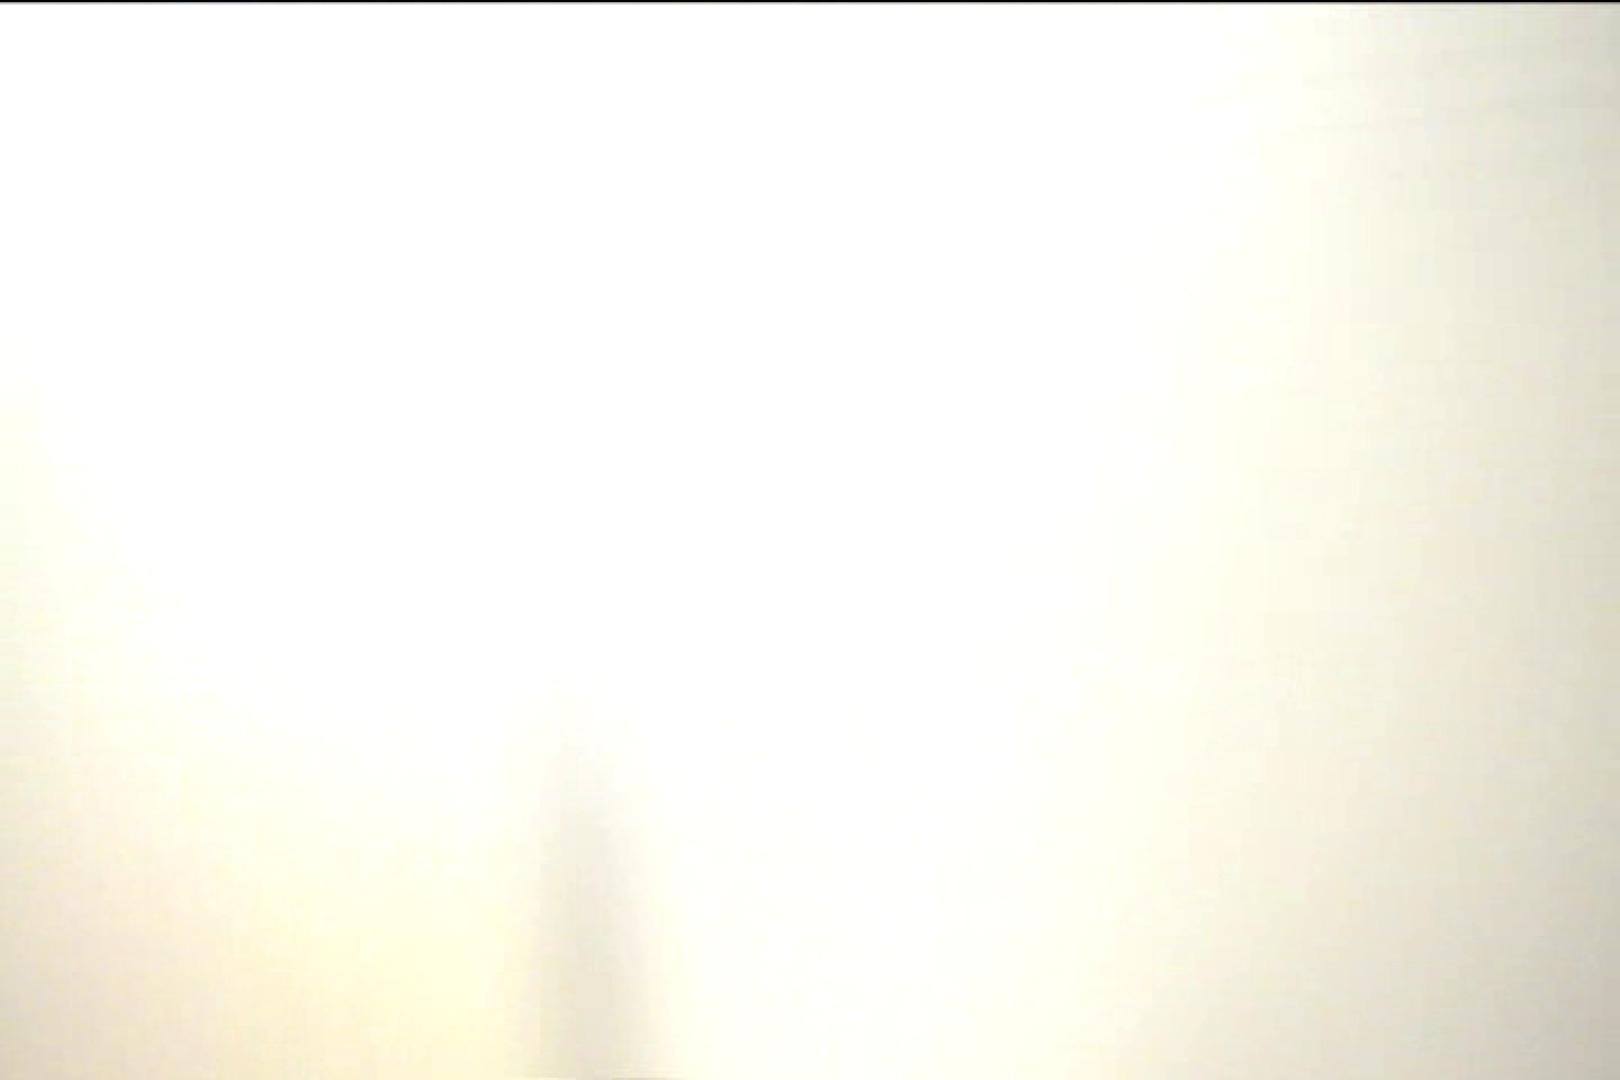 マンコ丸見え女子洗面所Vol.35 無修正マンコ オメコ動画キャプチャ 106PIX 43